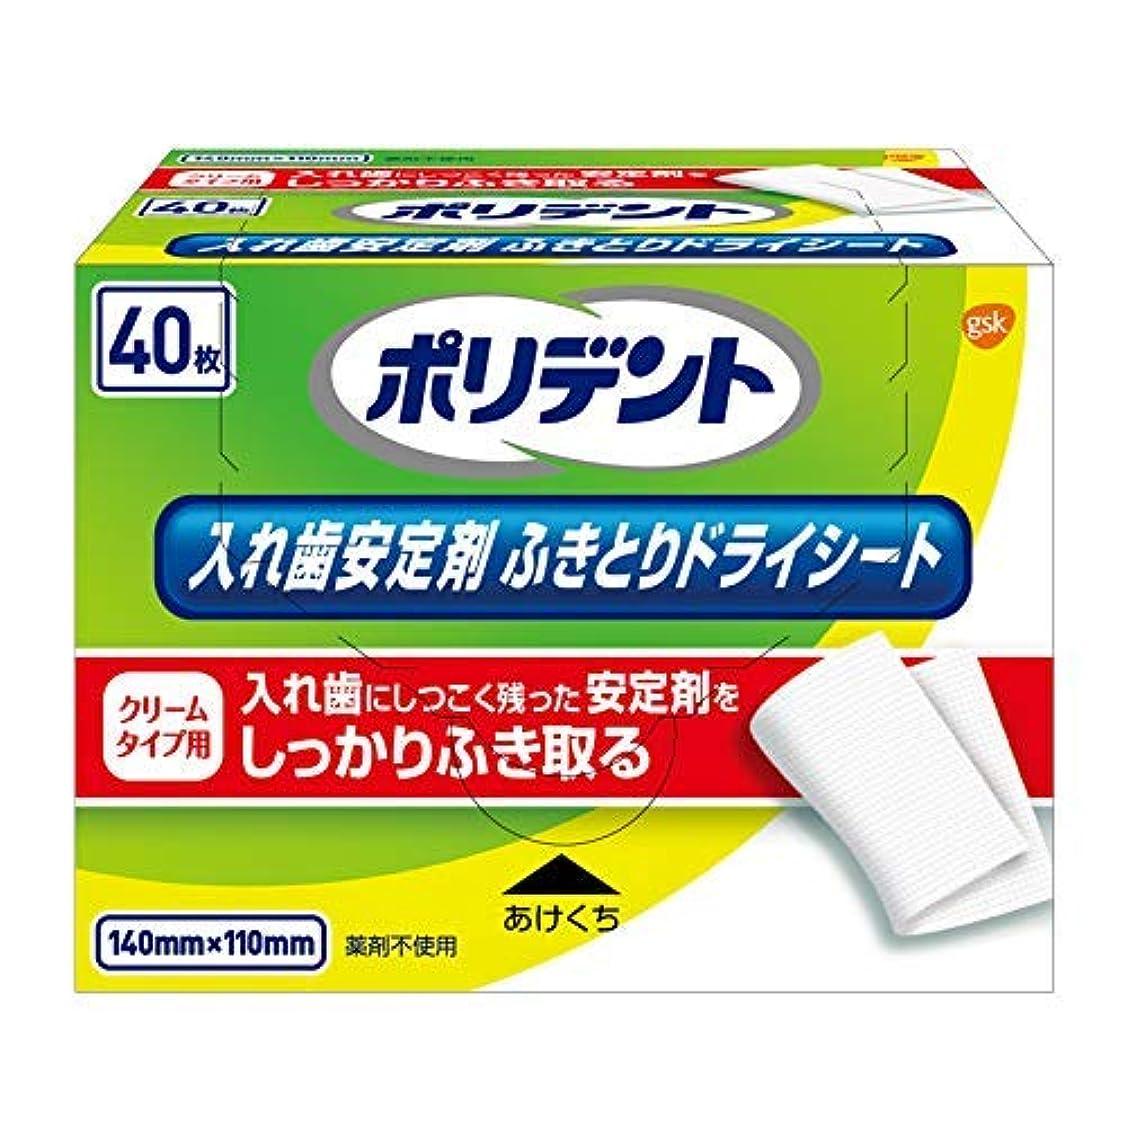 ライター令状終わりポリデント入れ歯安定剤ふきとりドライシート × 12個セット